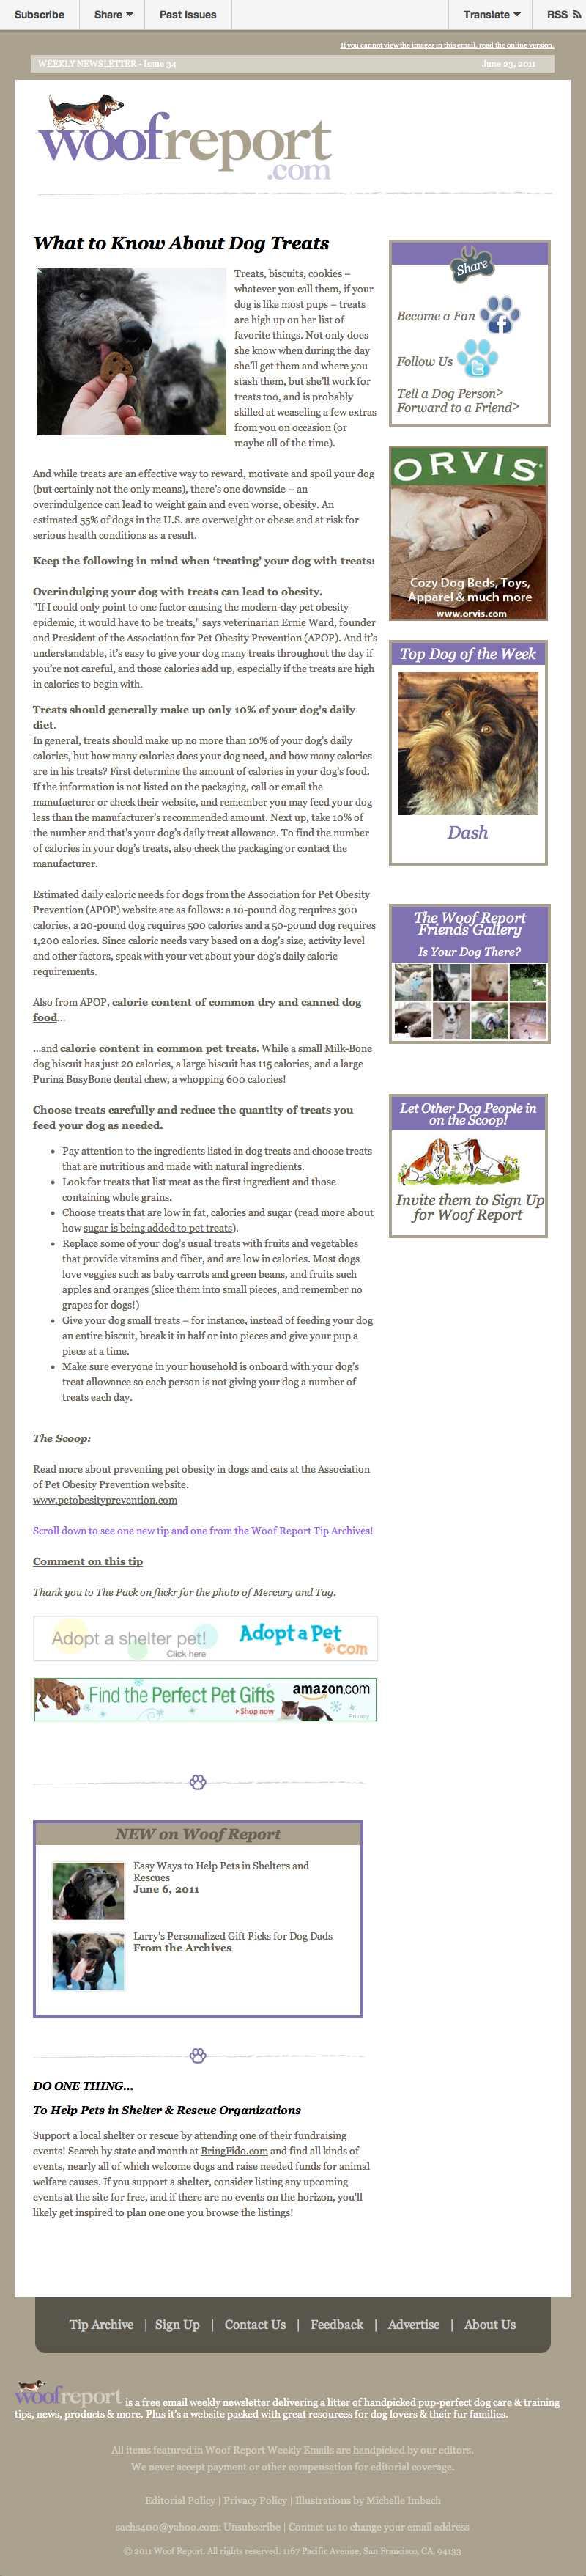 woofreport-dog-email-newsletter-sample